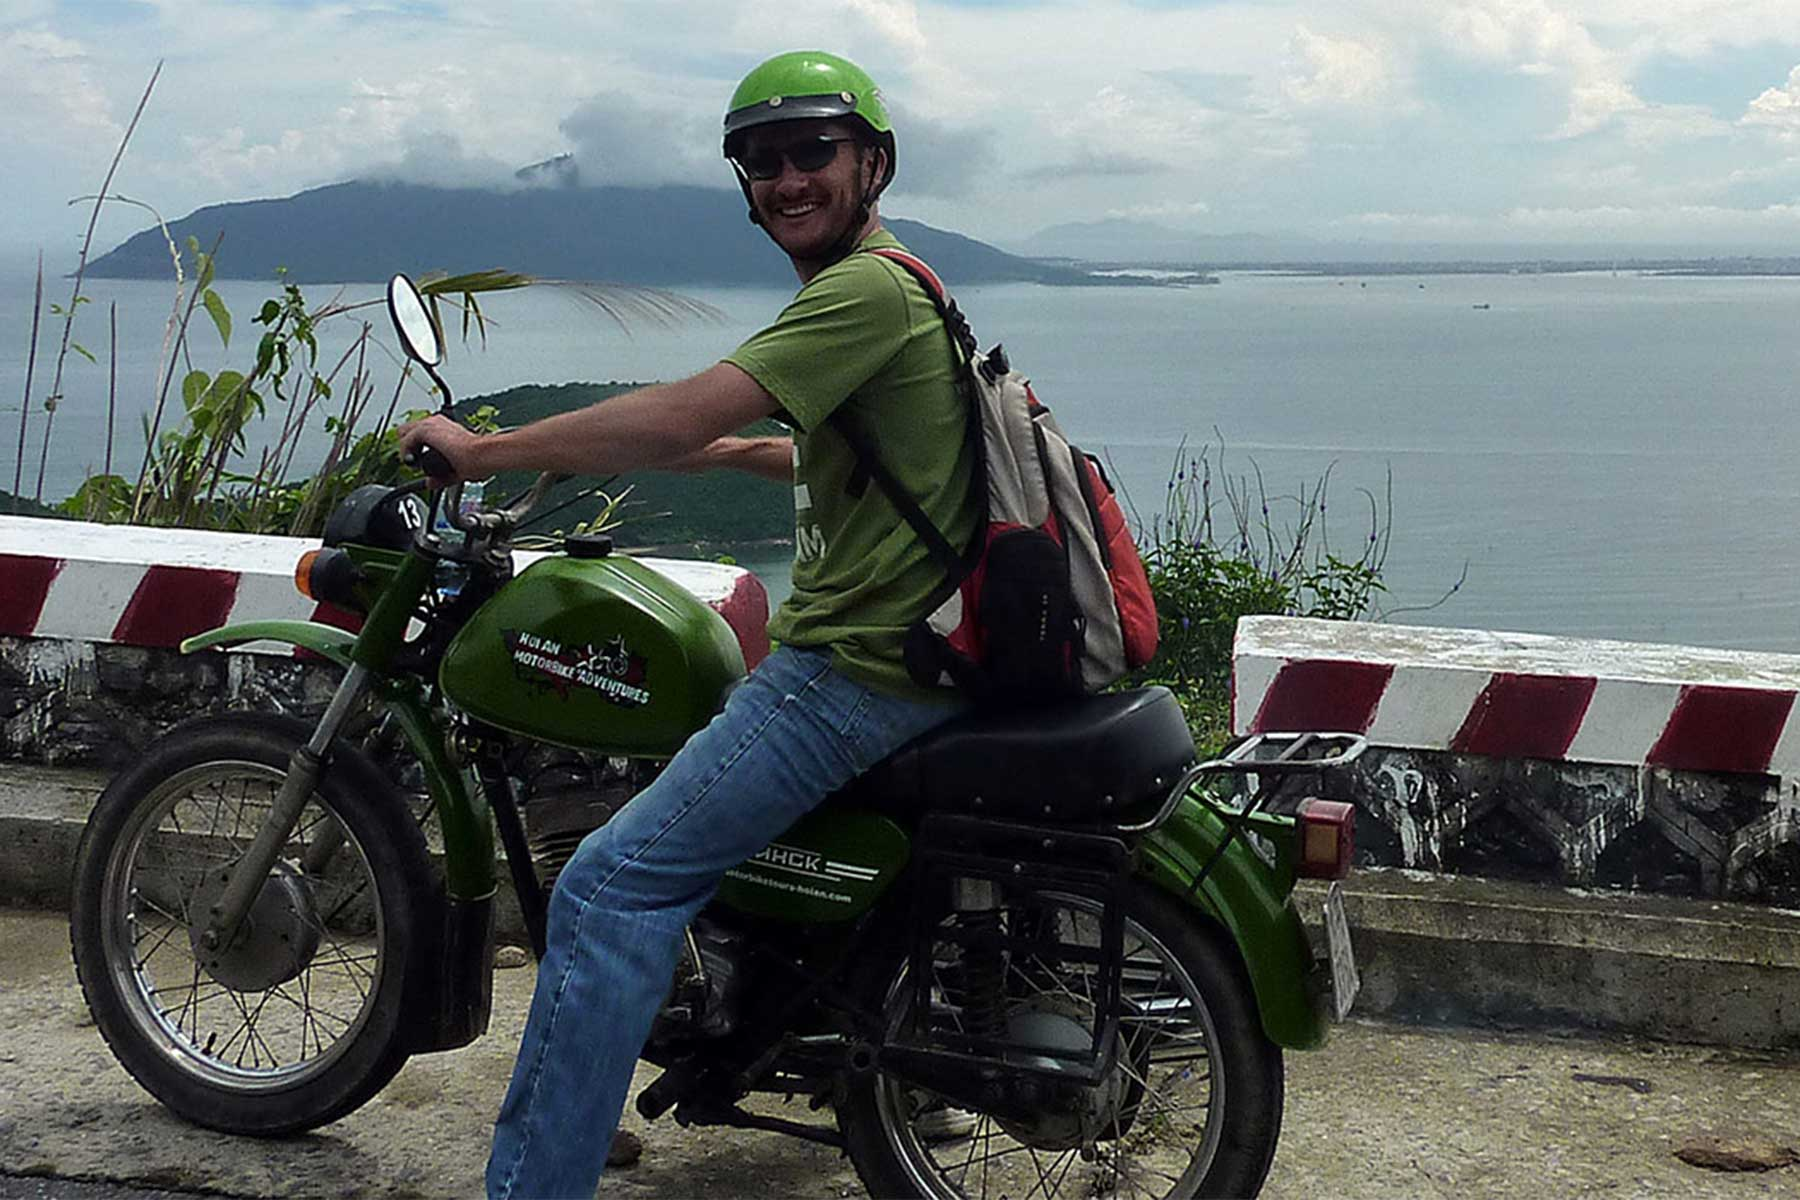 Hai Van pass Hoi An day tour